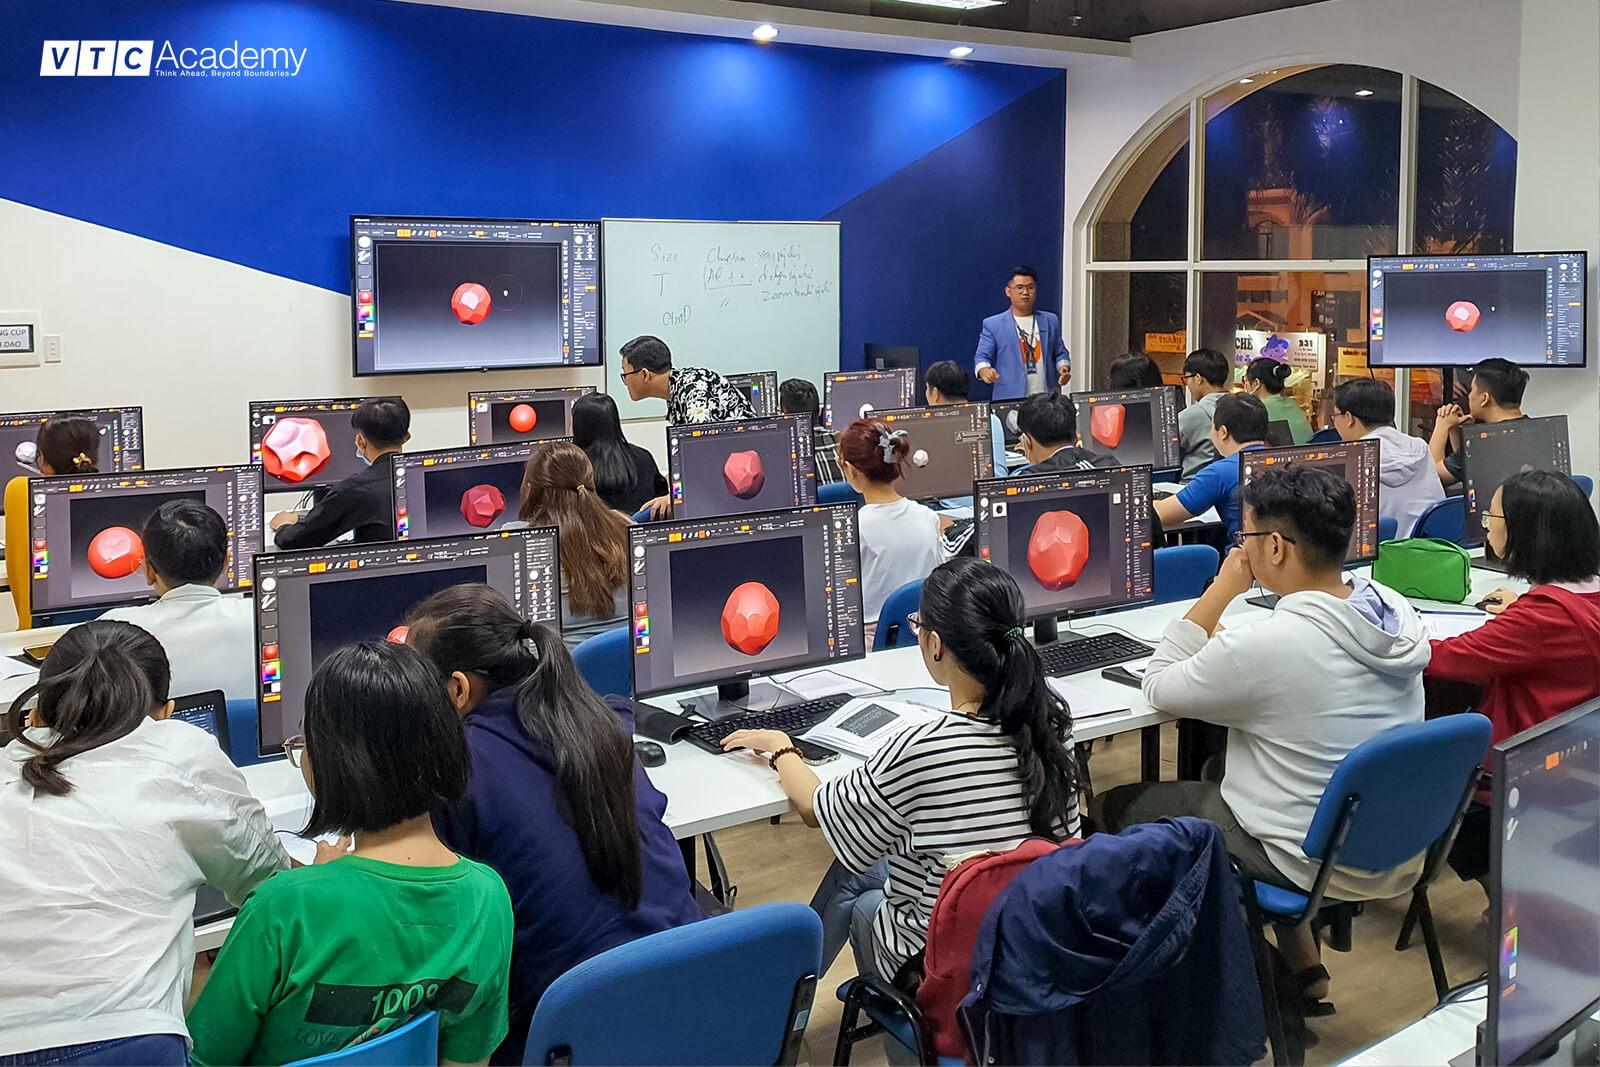 VTC Academy tổ chức các tuần lễ chuyên đề Lập trình & Thiết kế tại TP.HCM